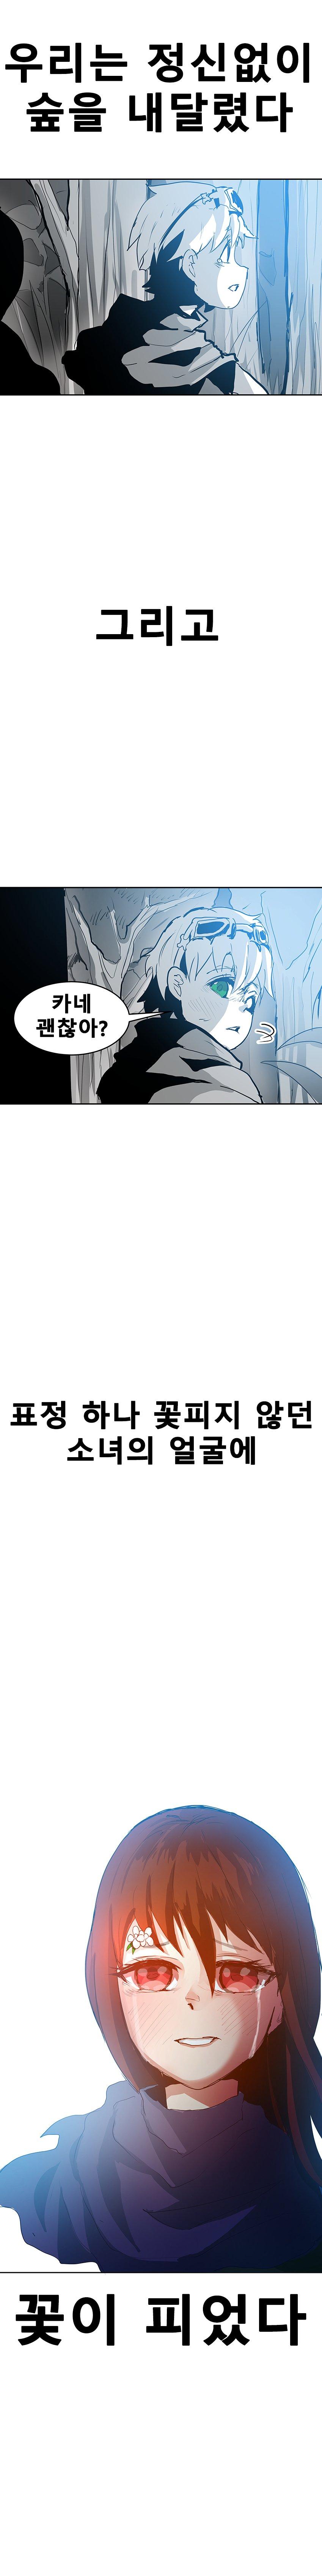 viewimage.php?id=2ebcc232eadd36&no=24b0d769e1d32ca73fed8ffa11d028317805b44c4c832ef9bd9f2eca3d30a89d625cc9a6e18c7a7f2ff5a2869d0c198347b8f829da14c6daace4b0b3139a2dfd6b95ab